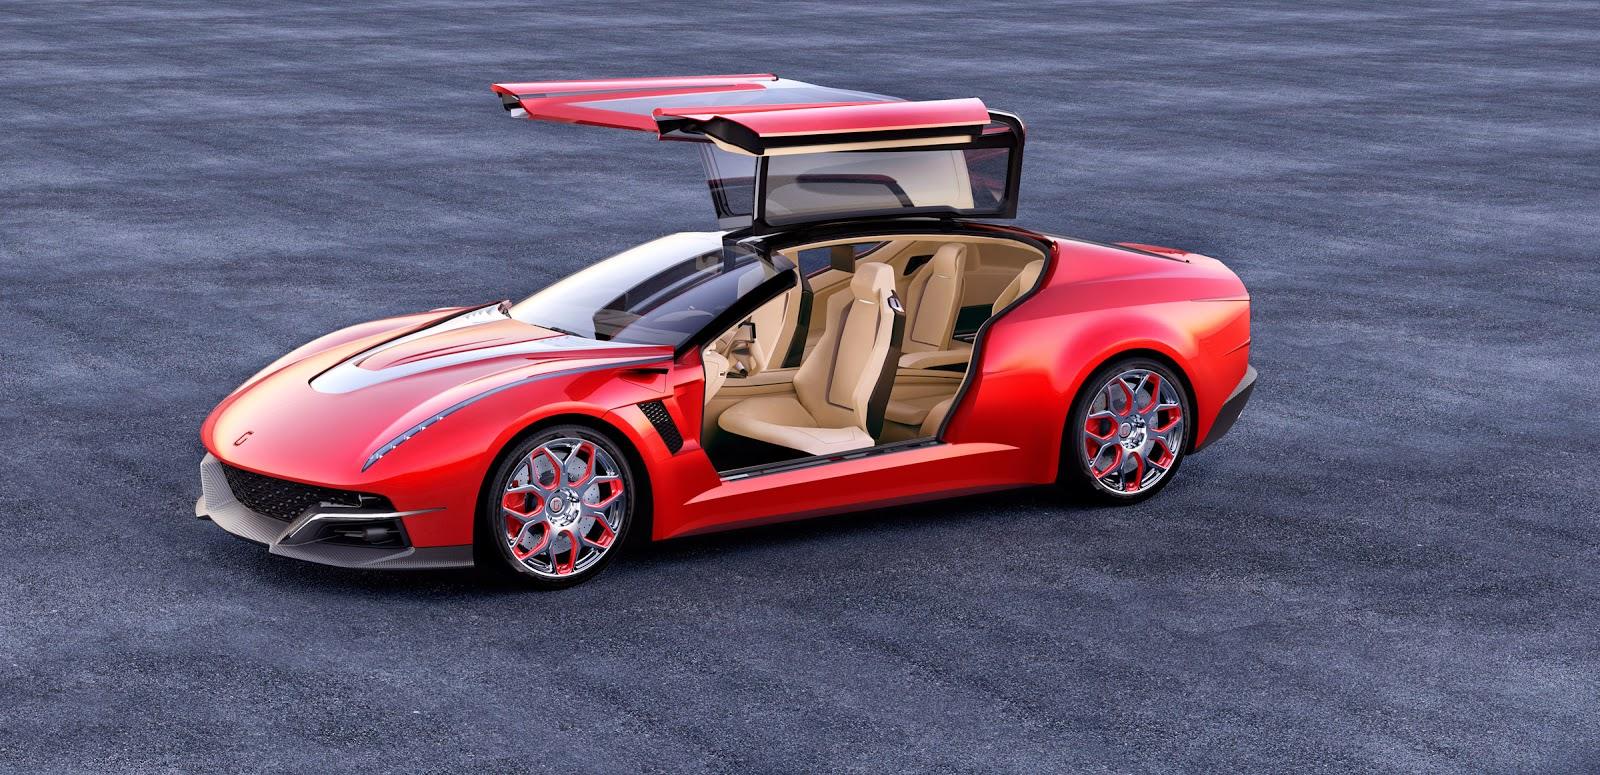 Gambar Mobil Sport Merah GIUGIARO BRIVIDO